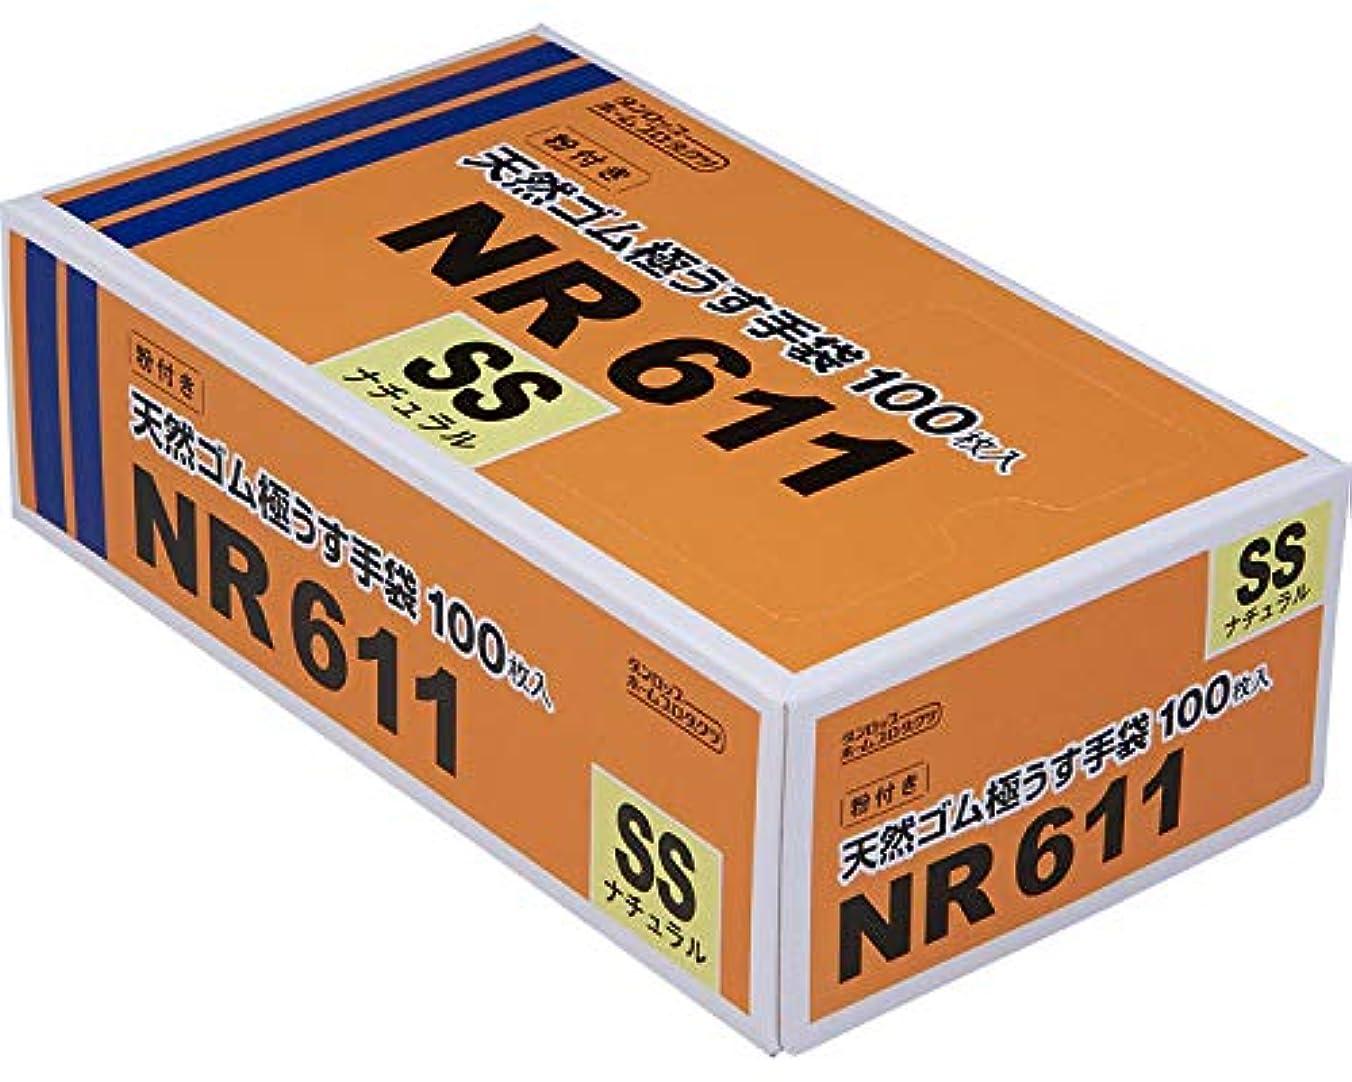 無限飲み込む劇的【ダンロップ】粉付天然ゴム極うす手袋ナチュラル(20箱入)NR611 (1ケース, SSサイズ)